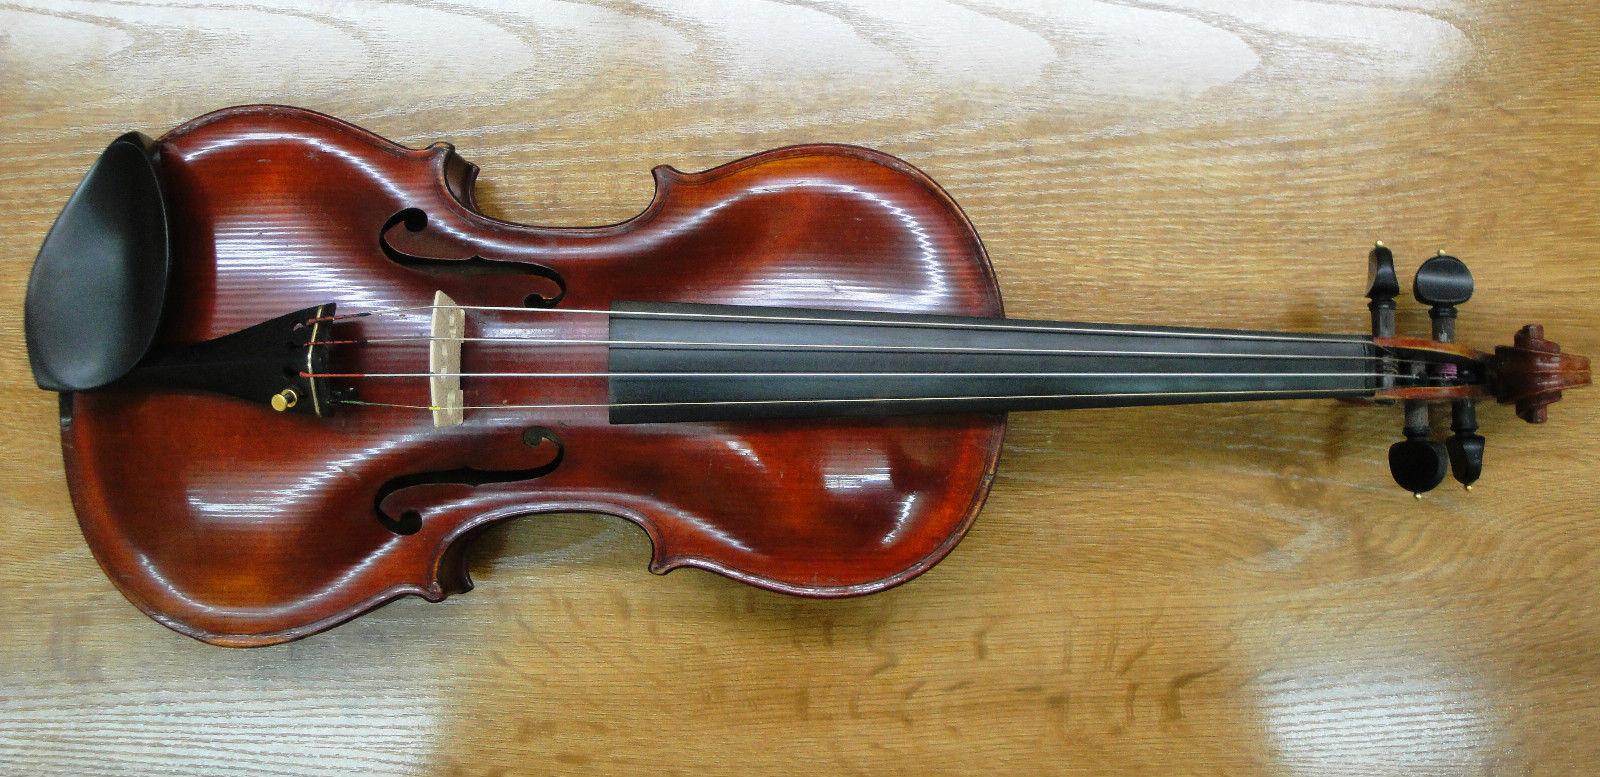 afinacion violin, afinador de violin, afinar violin, Amati, antonio stradivari, arco de violin, arco de violin casero, arco de violin comprar, arco de violin mantenimiento, arco de violin material, arco de violin partes, arco de violin precio, arco de violin resina, aula de violino, best violin, cecilio violin, Cómo hacer un arco de violín, Cómo preparar un arco de violín, como se fabrica un arco de violin, como se fabrica un violin, como se hace un arco de violin, como se hace un violin, Compra Venta Violin Antiguo, Compra Venta Violines, comprar violin, compro violin, compro violino, Construcción de Instrumentos y Arcos, Construcción de un Violín, Construccion de violes, cremona violin, curso de violin, el violin, Fabricacon de violines, fabricante de violines, guadagnini violin, guarneri violin, historia del violin, hofner violin, instrumentos de cuerda violin, instrumentos musicales violin, Instrumentos Violin, juegos de violin, luthier, luthier violin, luthiers, marcas de violines, silent violin, stradivarius violin, Subastas de Violines, suzuki violin, tiendas de violines, tipos de violines, venta de violin, Venta Violin, Venta Violin Antiguo, Venta Violin Subasta eBay, violin, violin aleman, violin amati, violin amatus, Violin Antiguo, violin cuerdas, violin frances, violin guadagnini, violin guarnerius, violin italiano, violin jacobus stainer, Violin Luthier, violin making, violin online, violin para niños, violin parts, violin segunda mano, violin shop, violin store, violin stradivarius, violines, Violines Antiguos, Violines Antiguos En Venta, violines baratos, Violines En Subasta, violines famosos, violino, yamaha violin